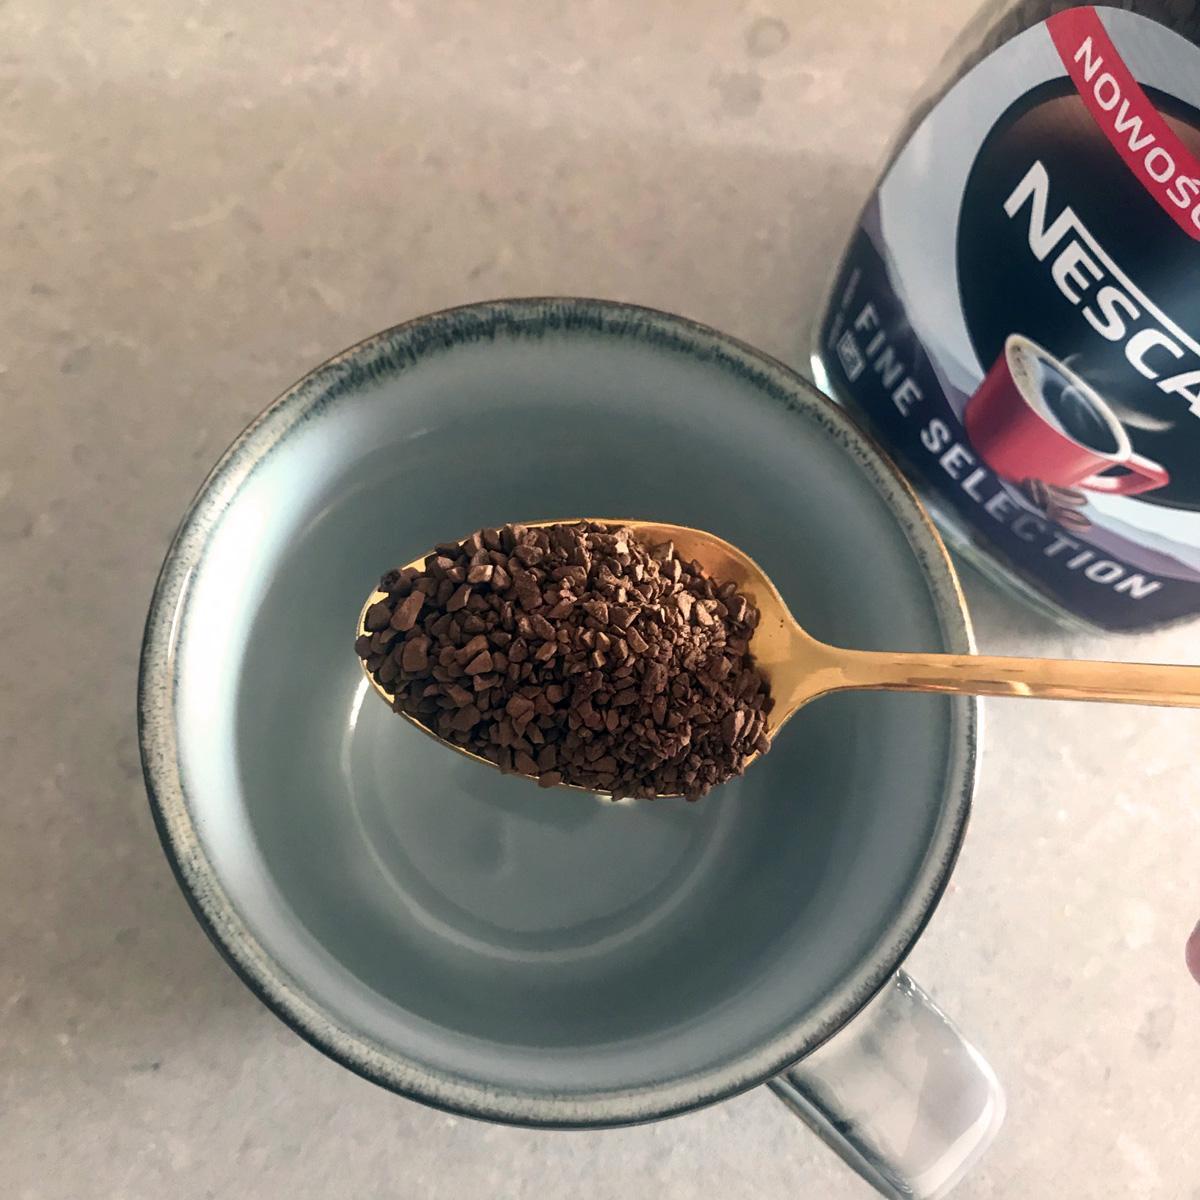 Kawa rozpuszczalna Nescafe Fine Selection - nowość